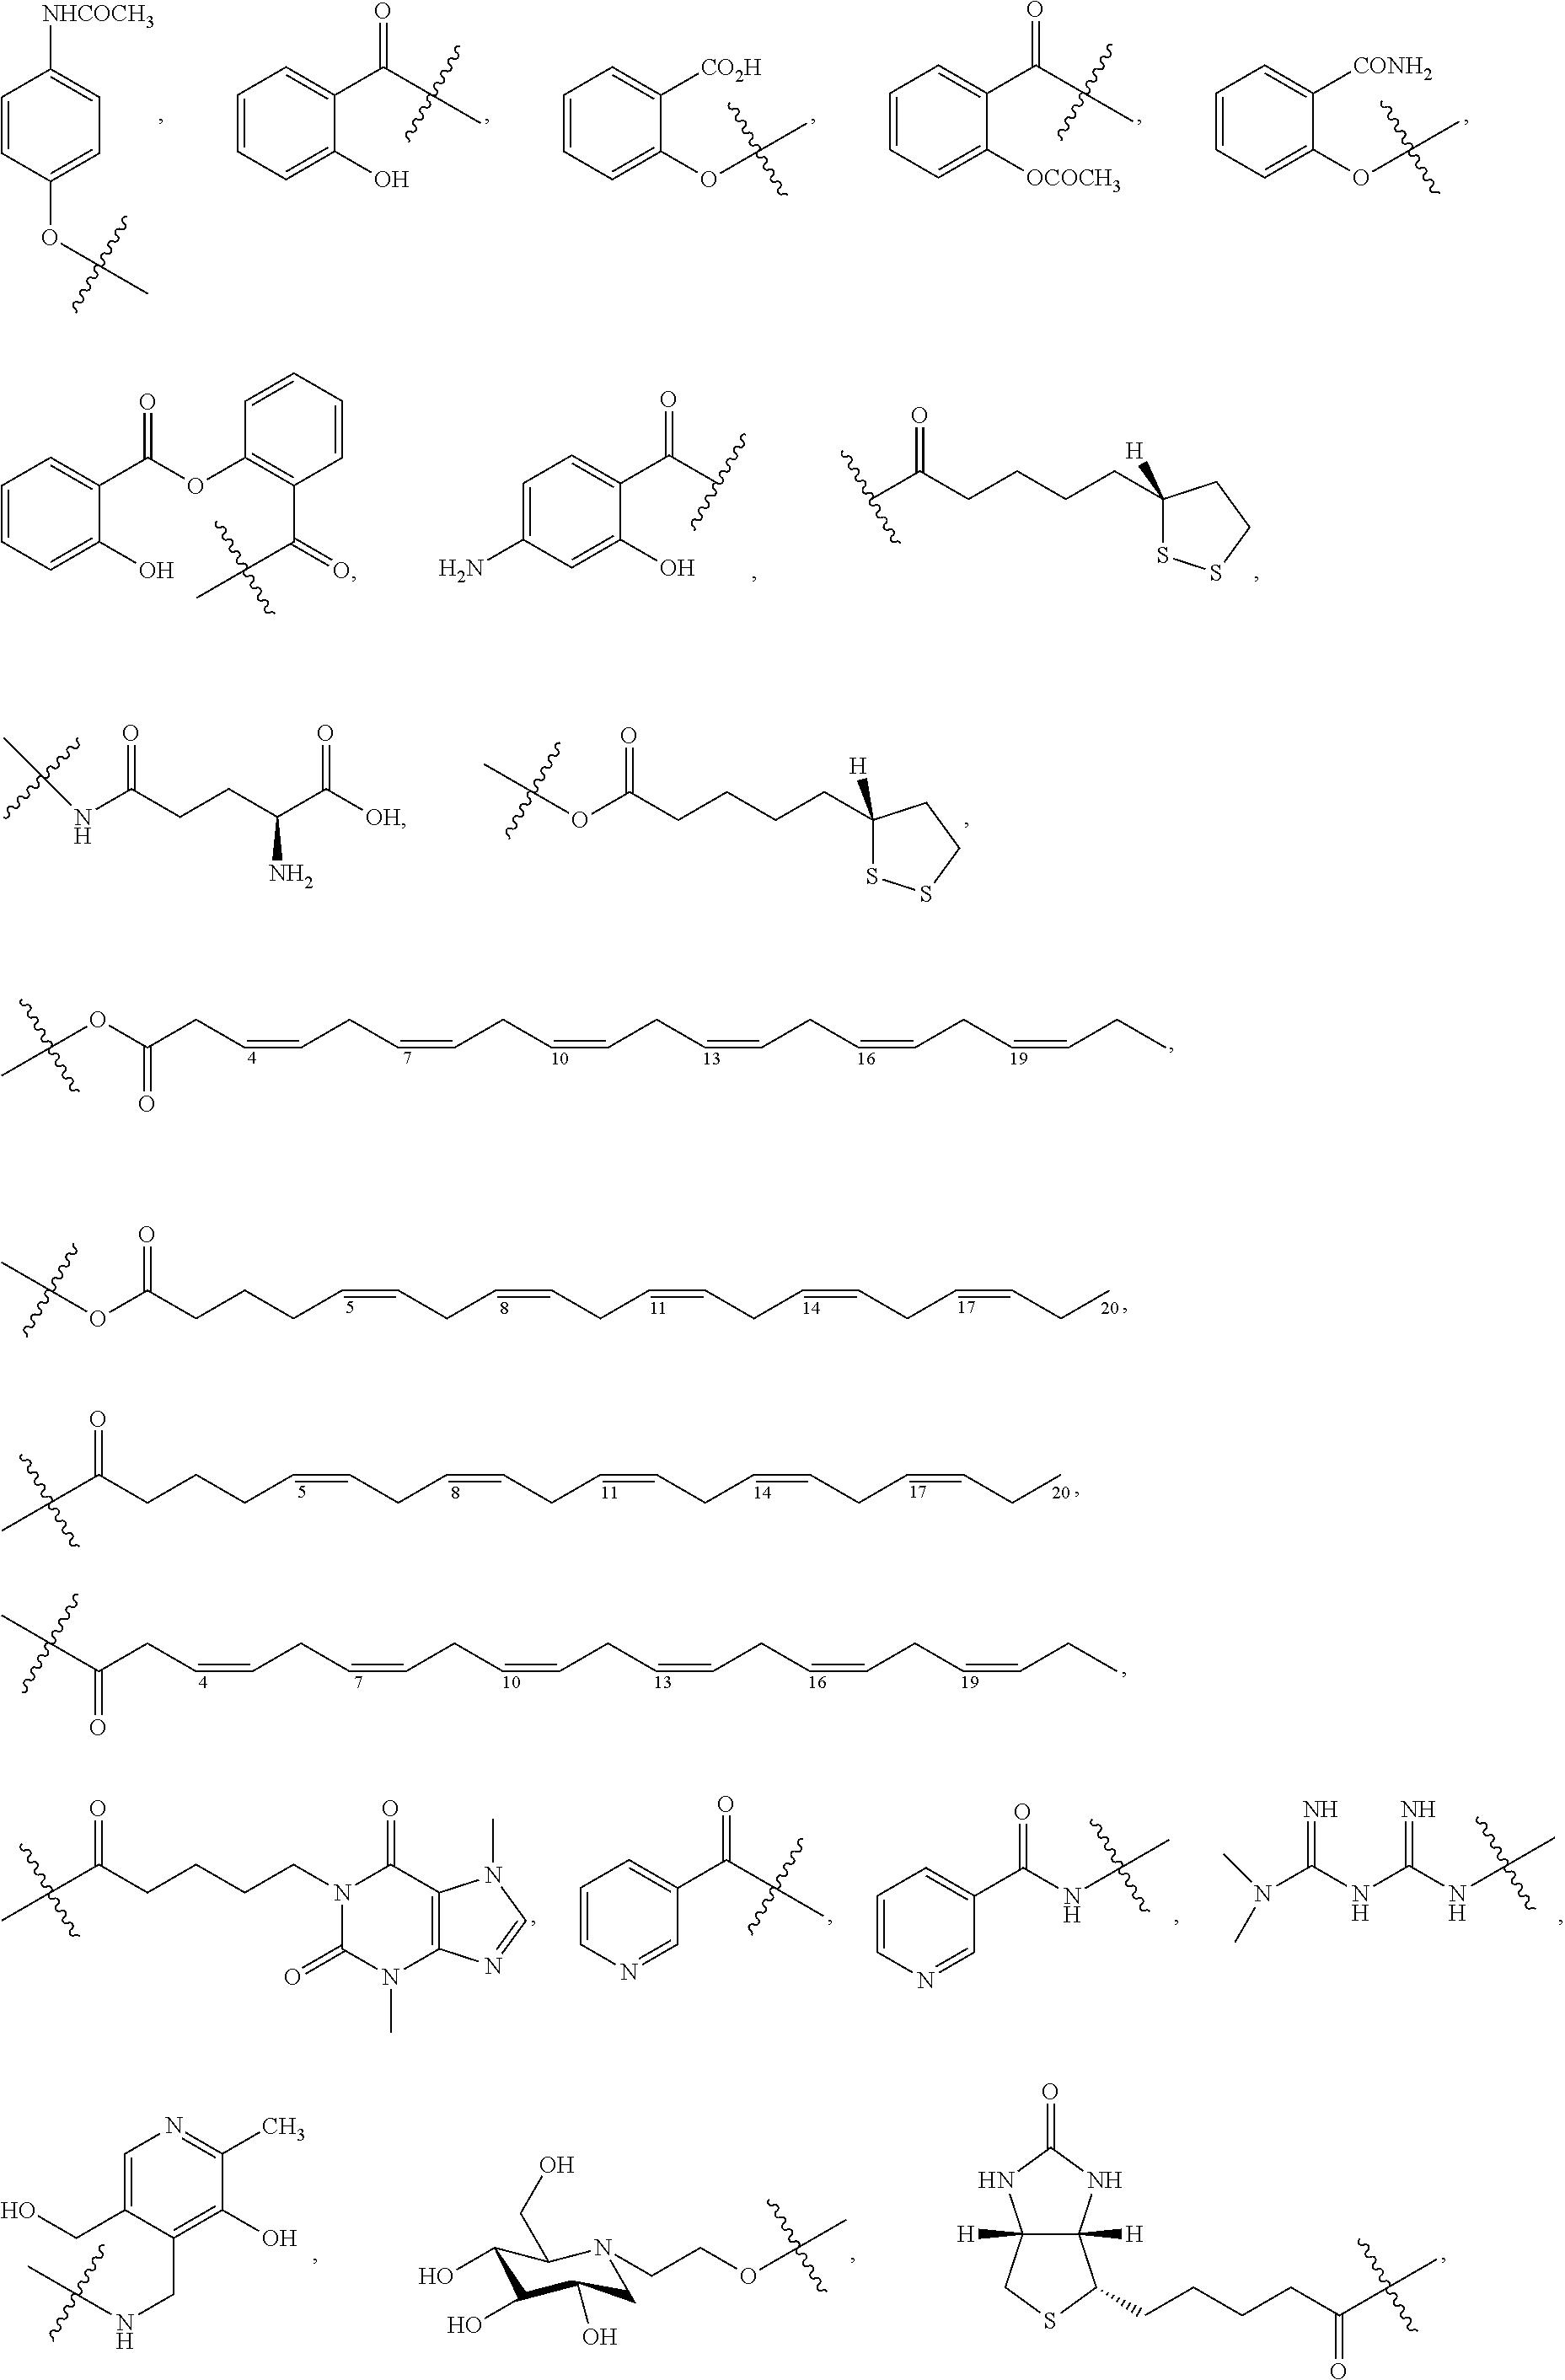 Figure US09321716-20160426-C00011